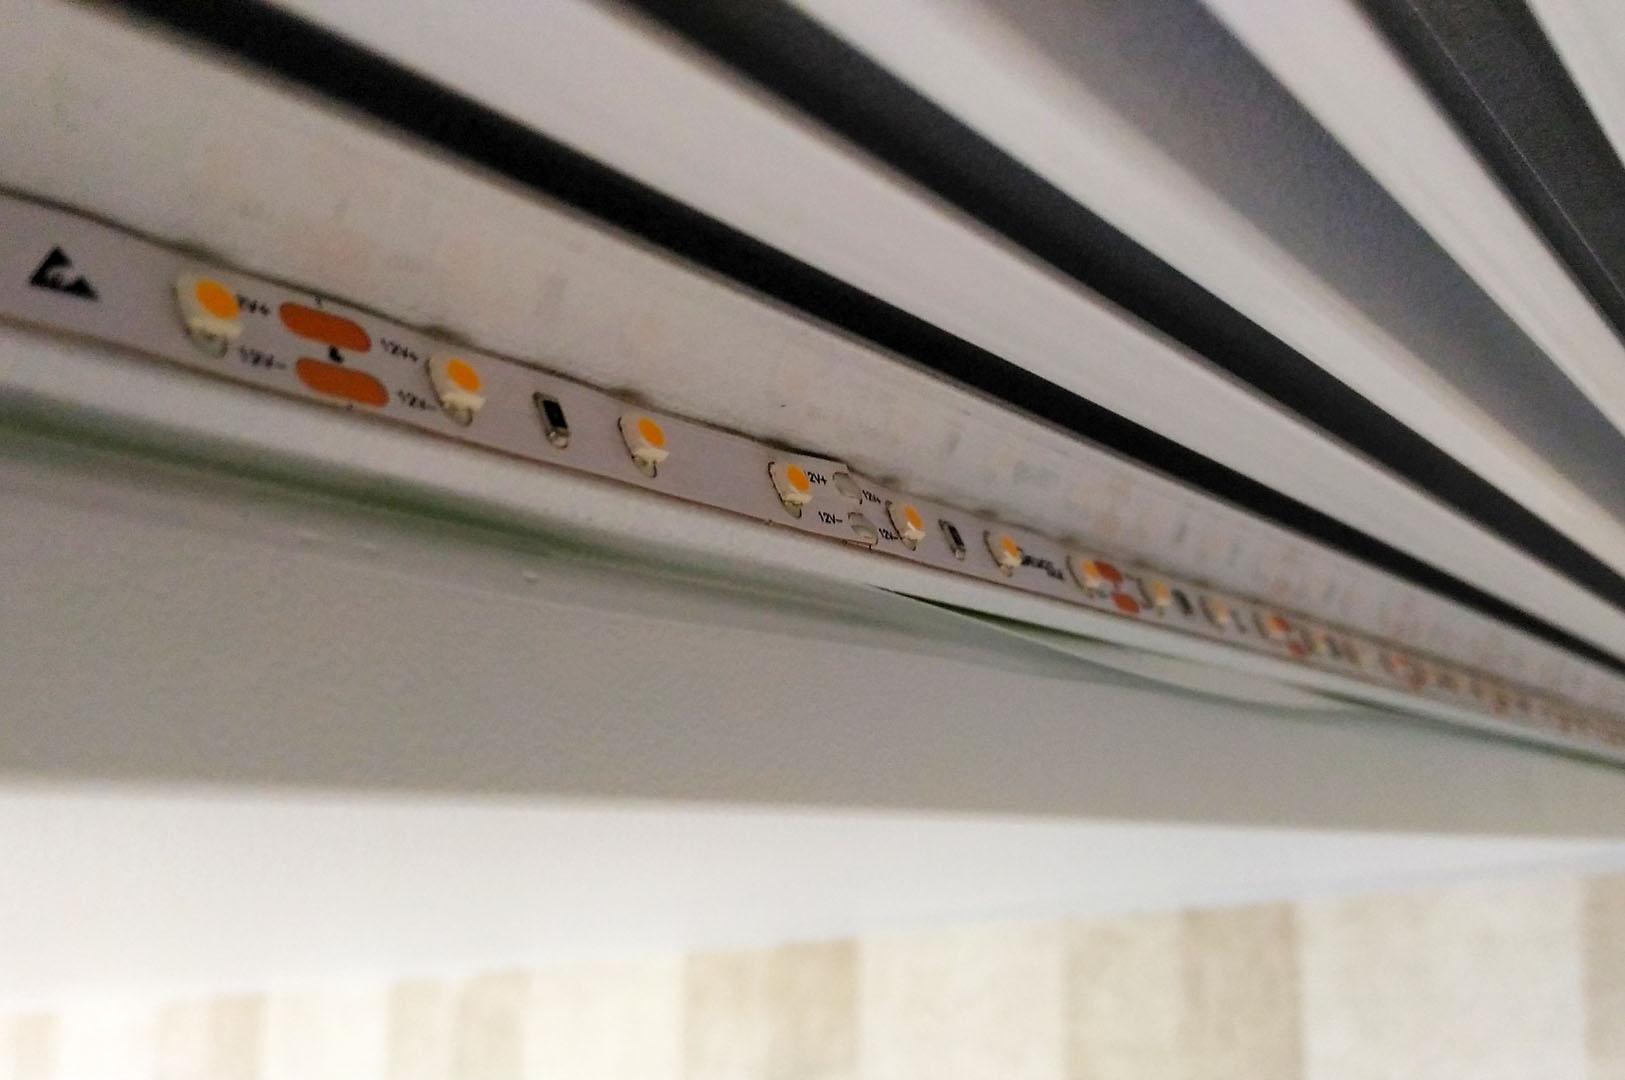 место крепления светодиодной ленты на алюминиевый карниз для штор